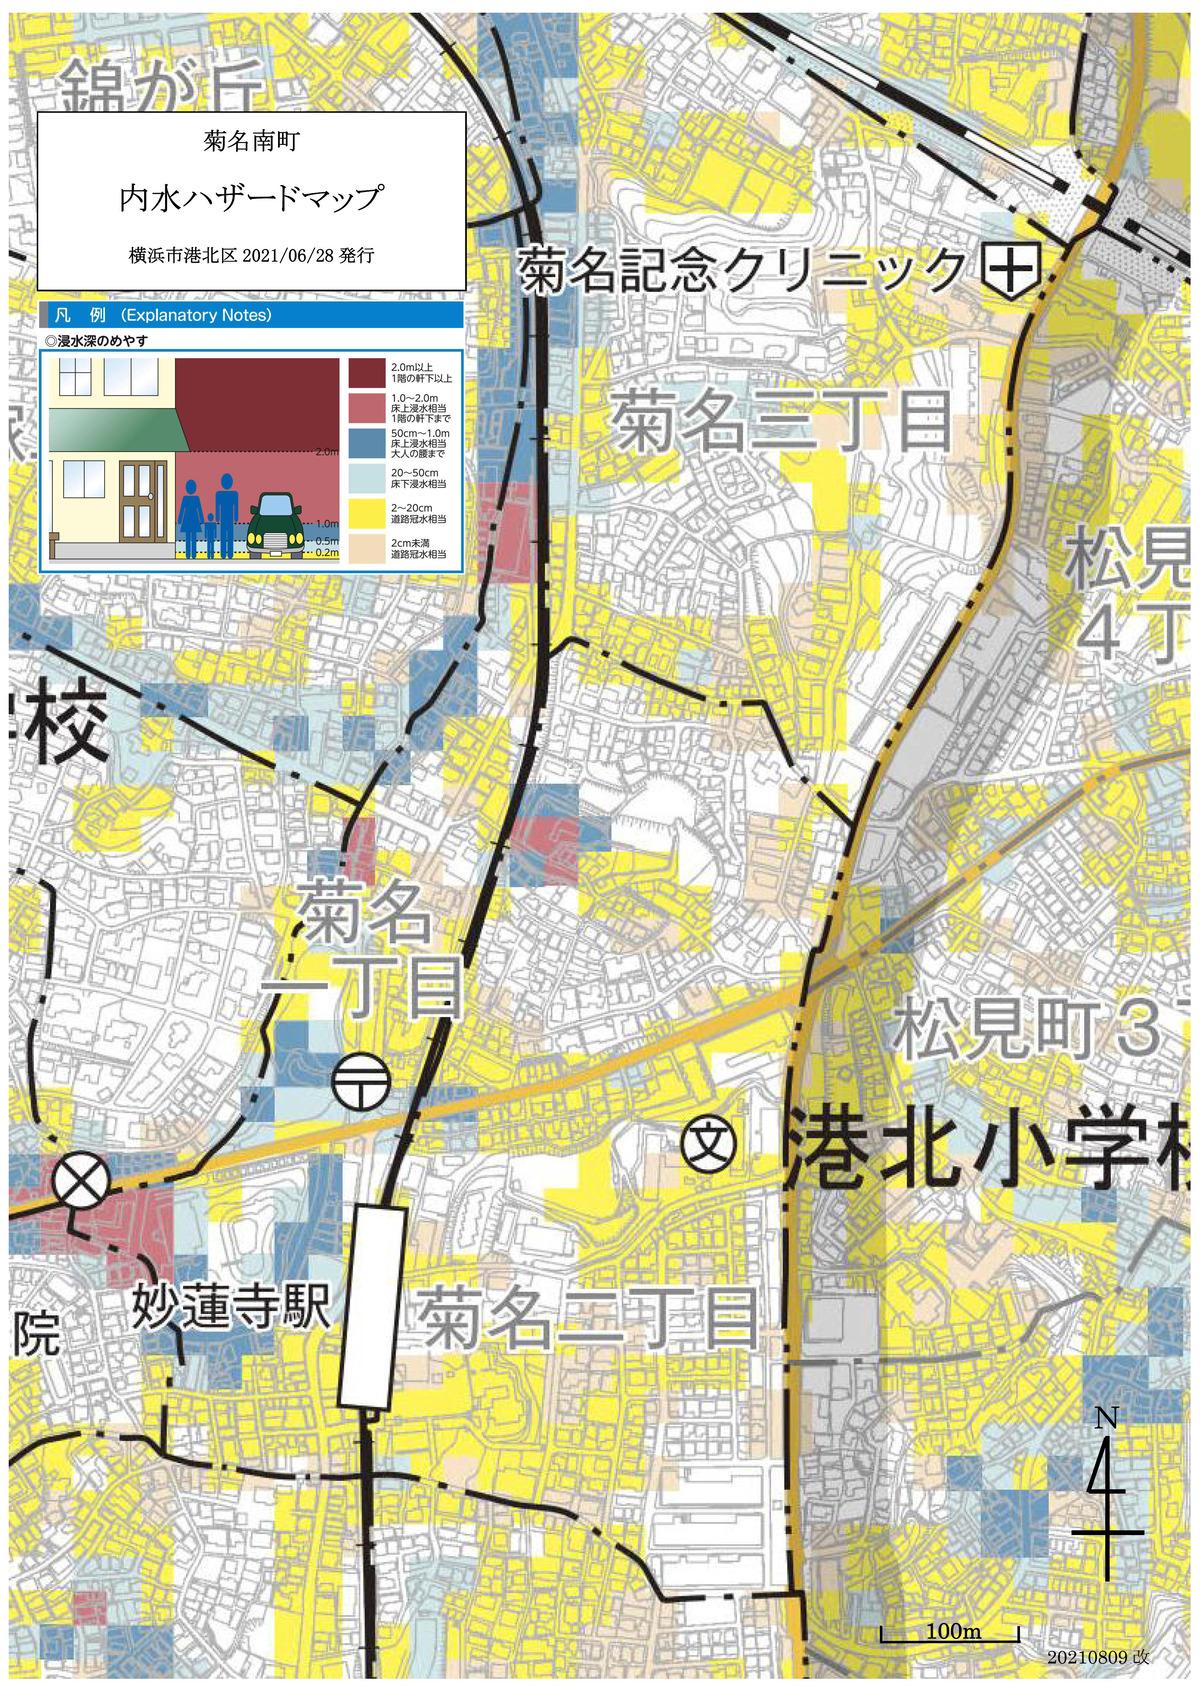 内水ハザードマップ_20210809改_1